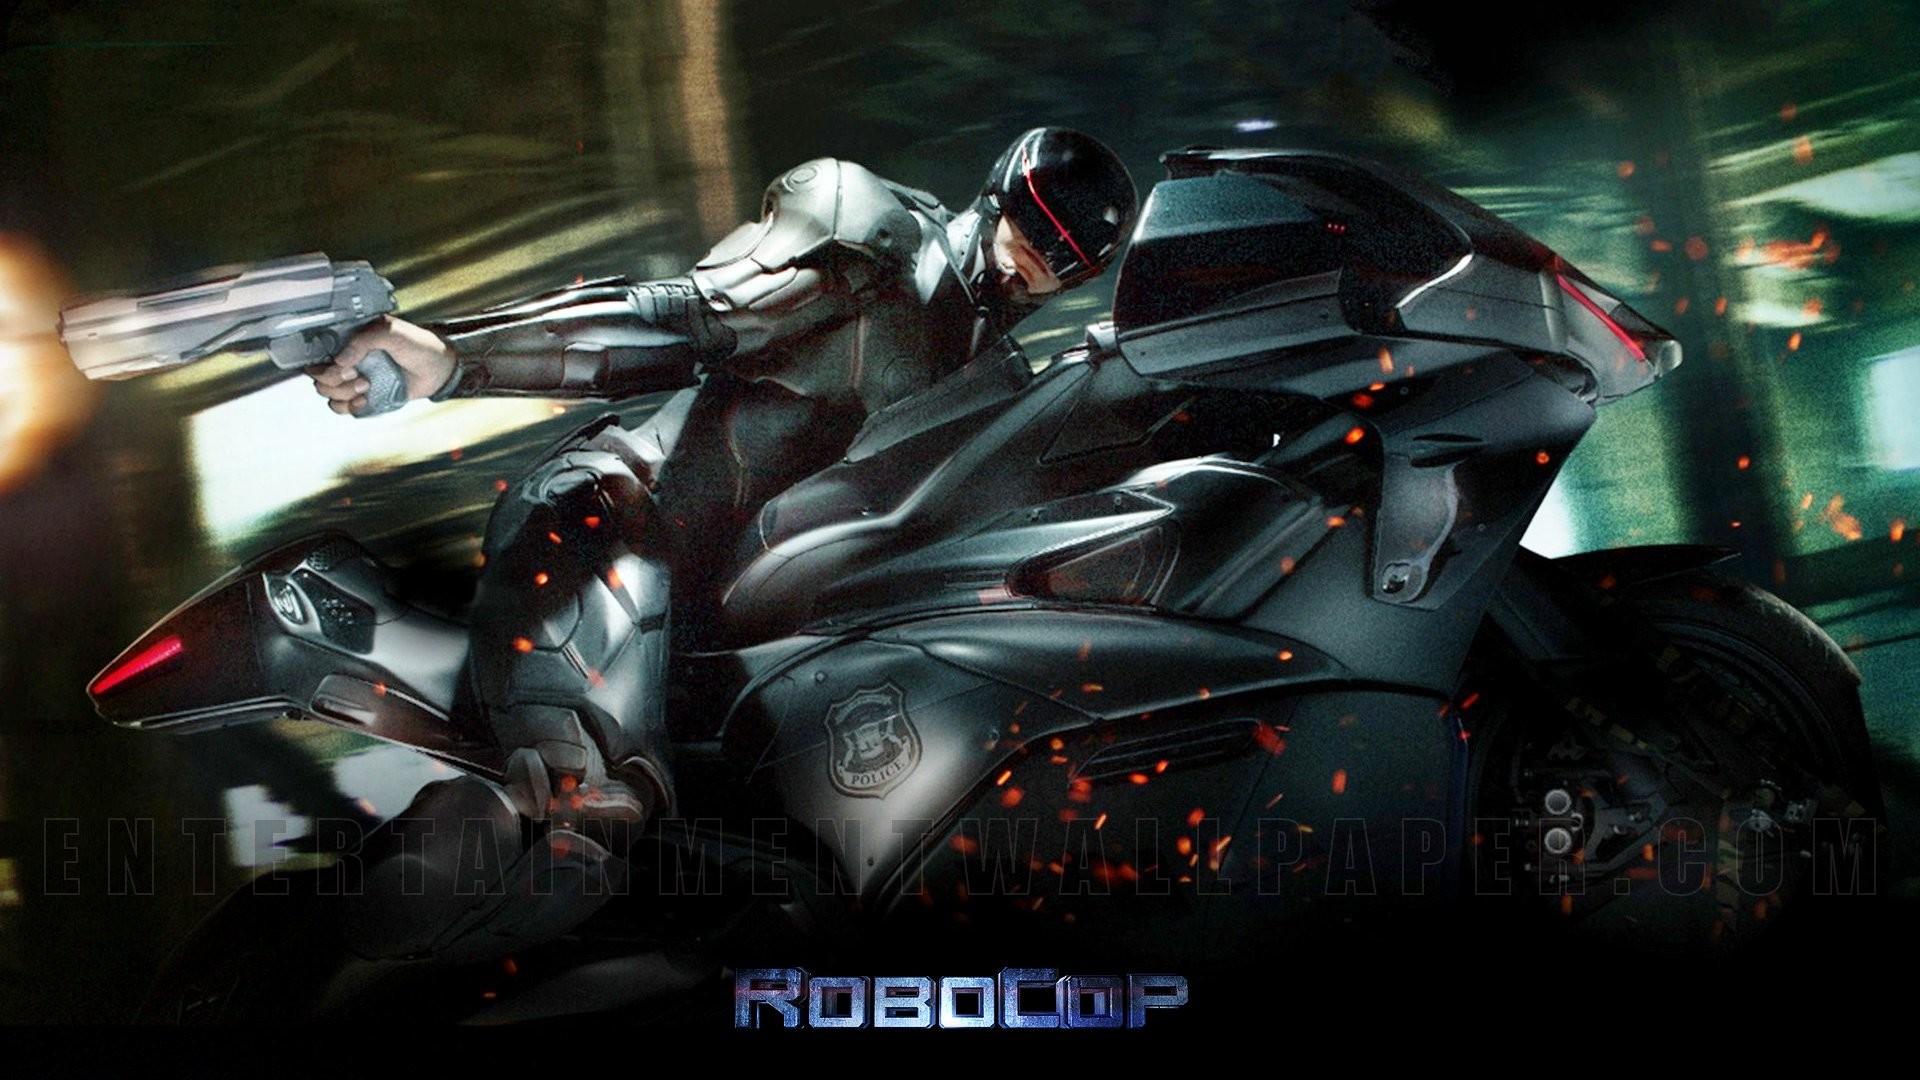 Robocop Wallpapers 1